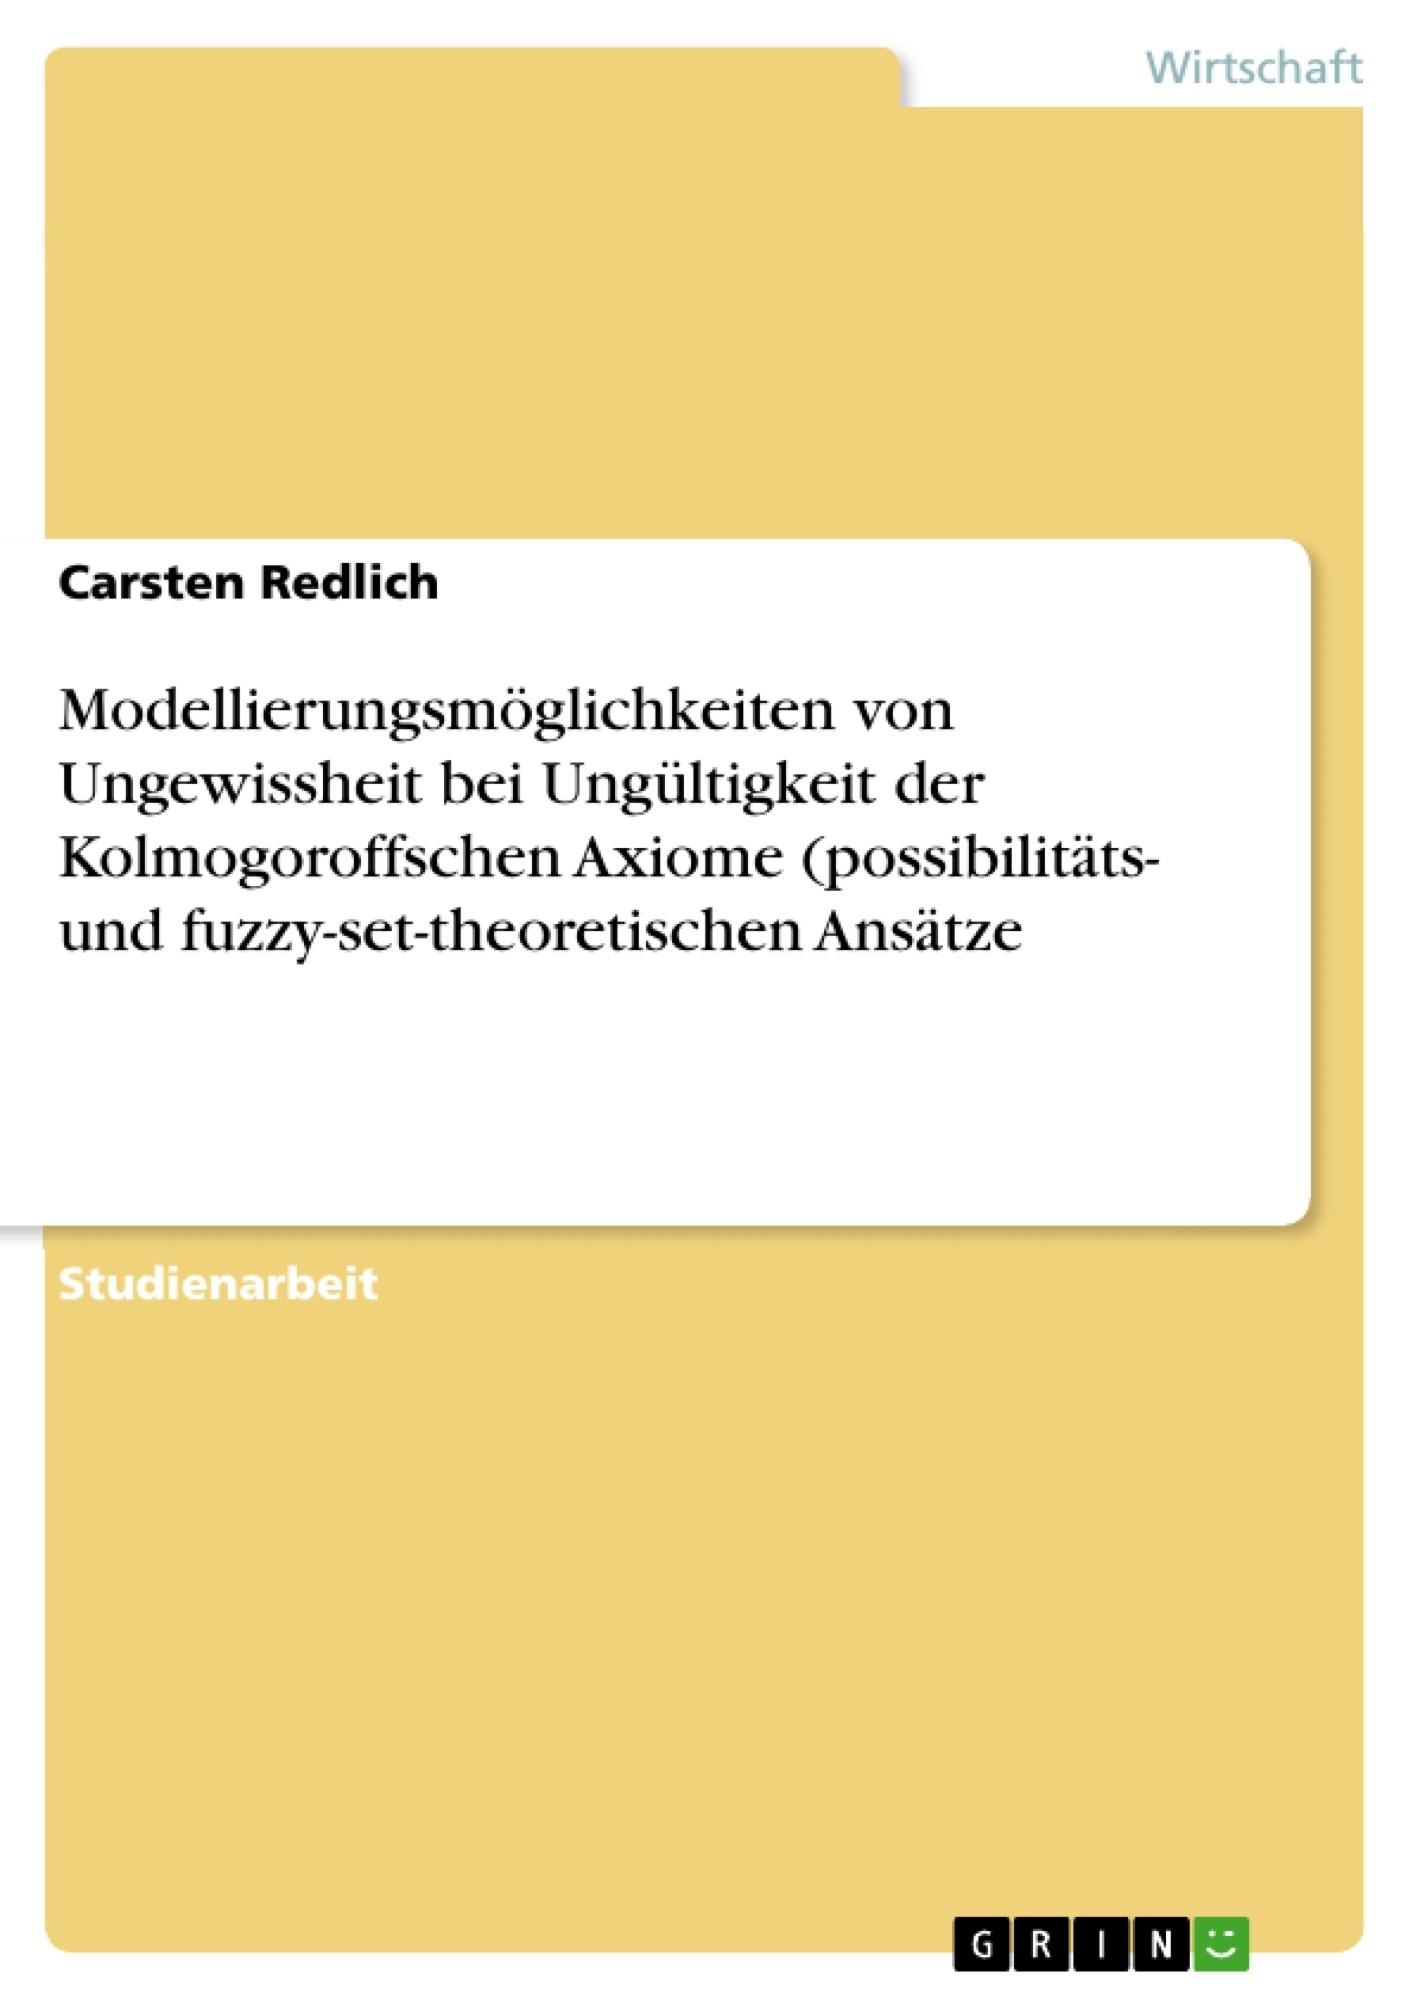 Titel: Modellierungsmöglichkeiten von Ungewissheit bei Ungültigkeit der Kolmogoroffschen Axiome (possibilitäts- und fuzzy-set-theoretischen Ansätze